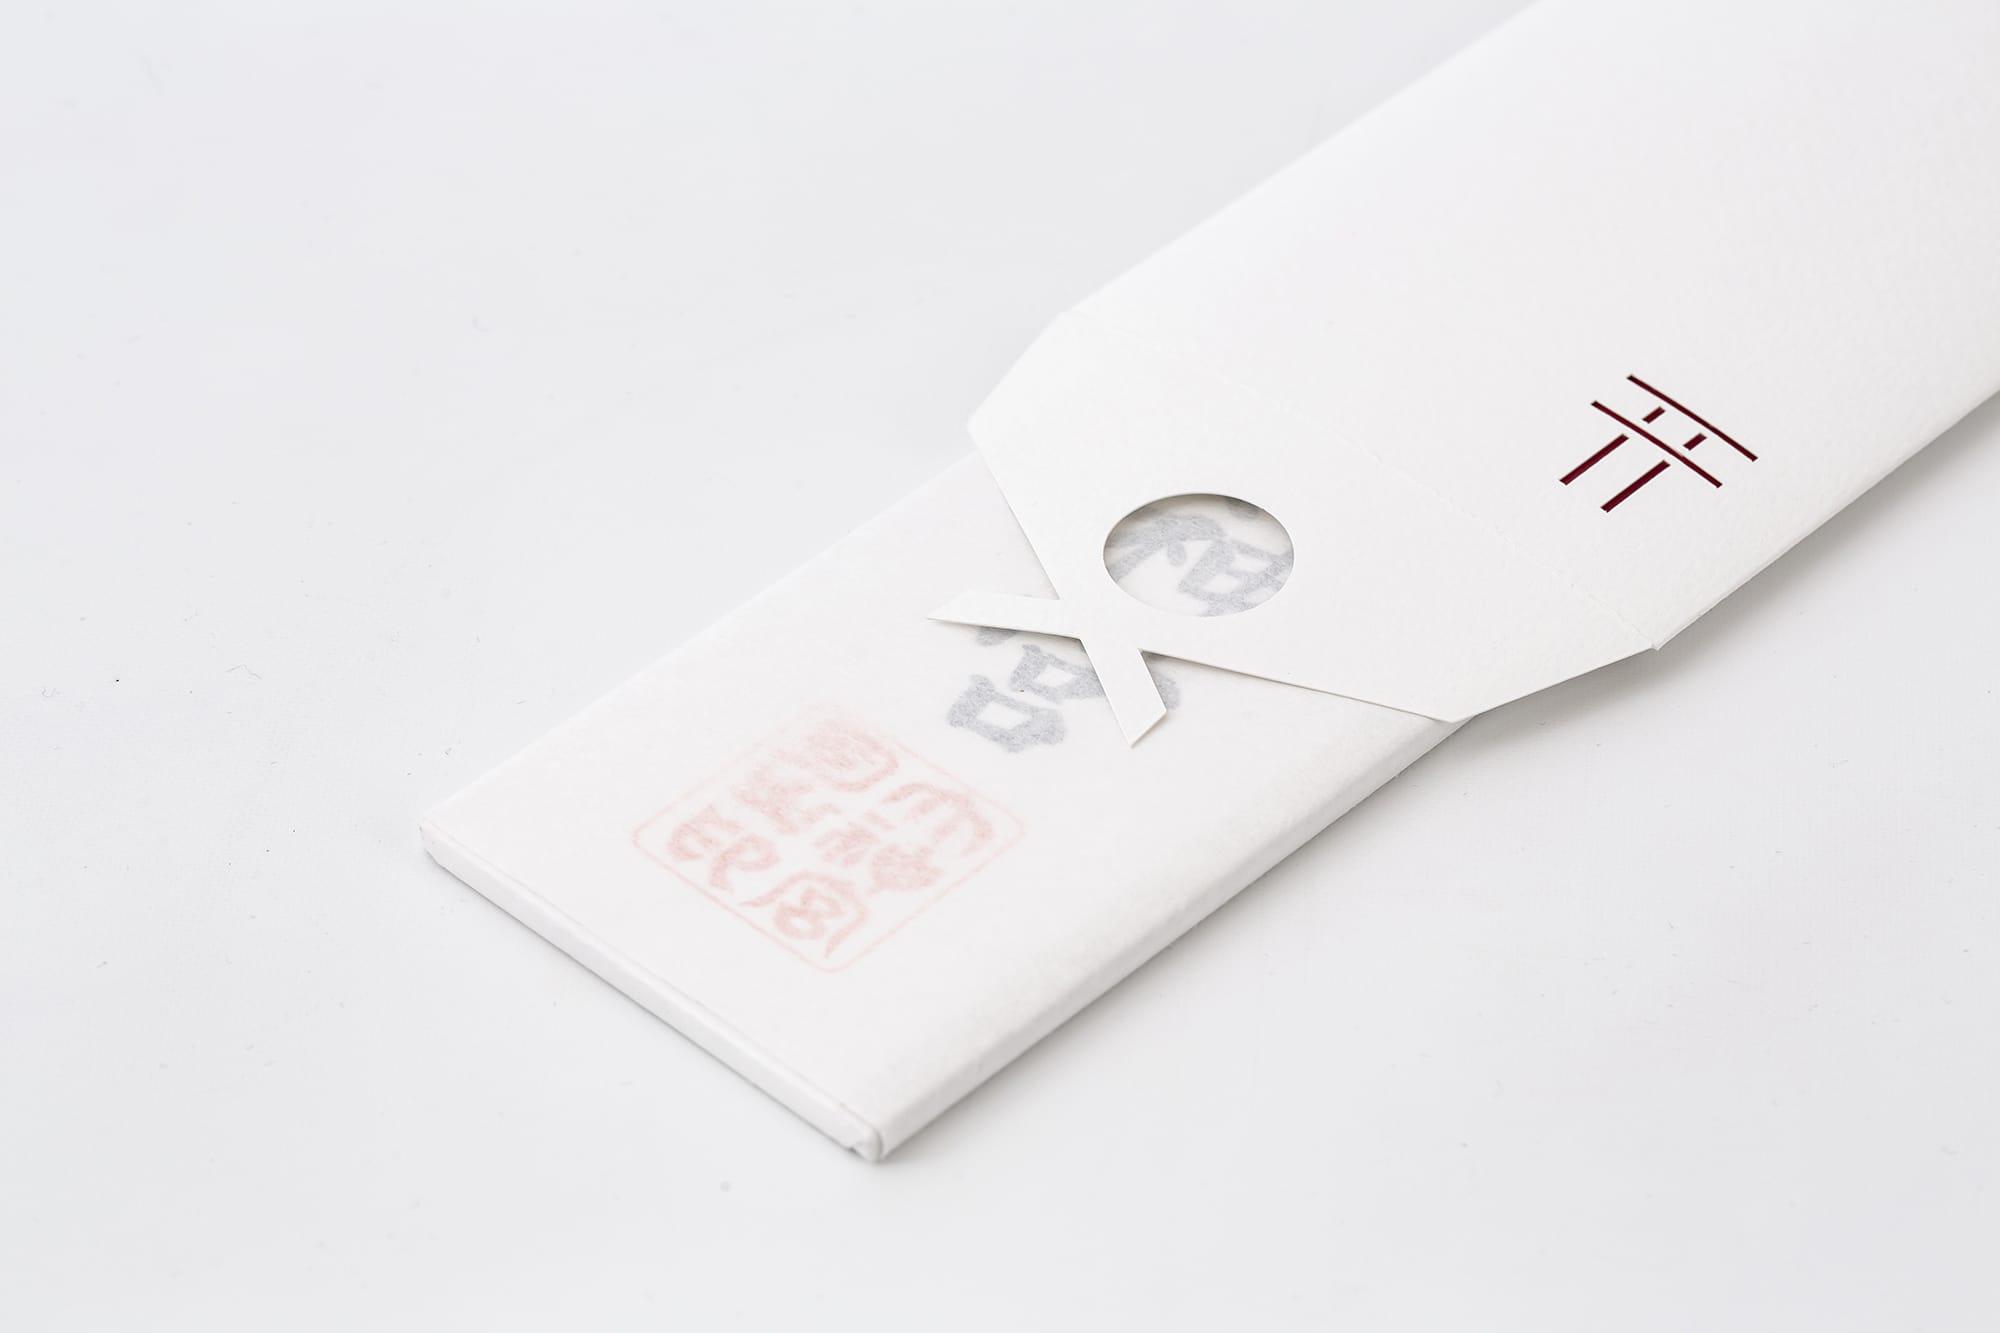 「貼る神棚」は厚さ5㎜程度のお札まで封入でき、付属のシールで留める仕組み。